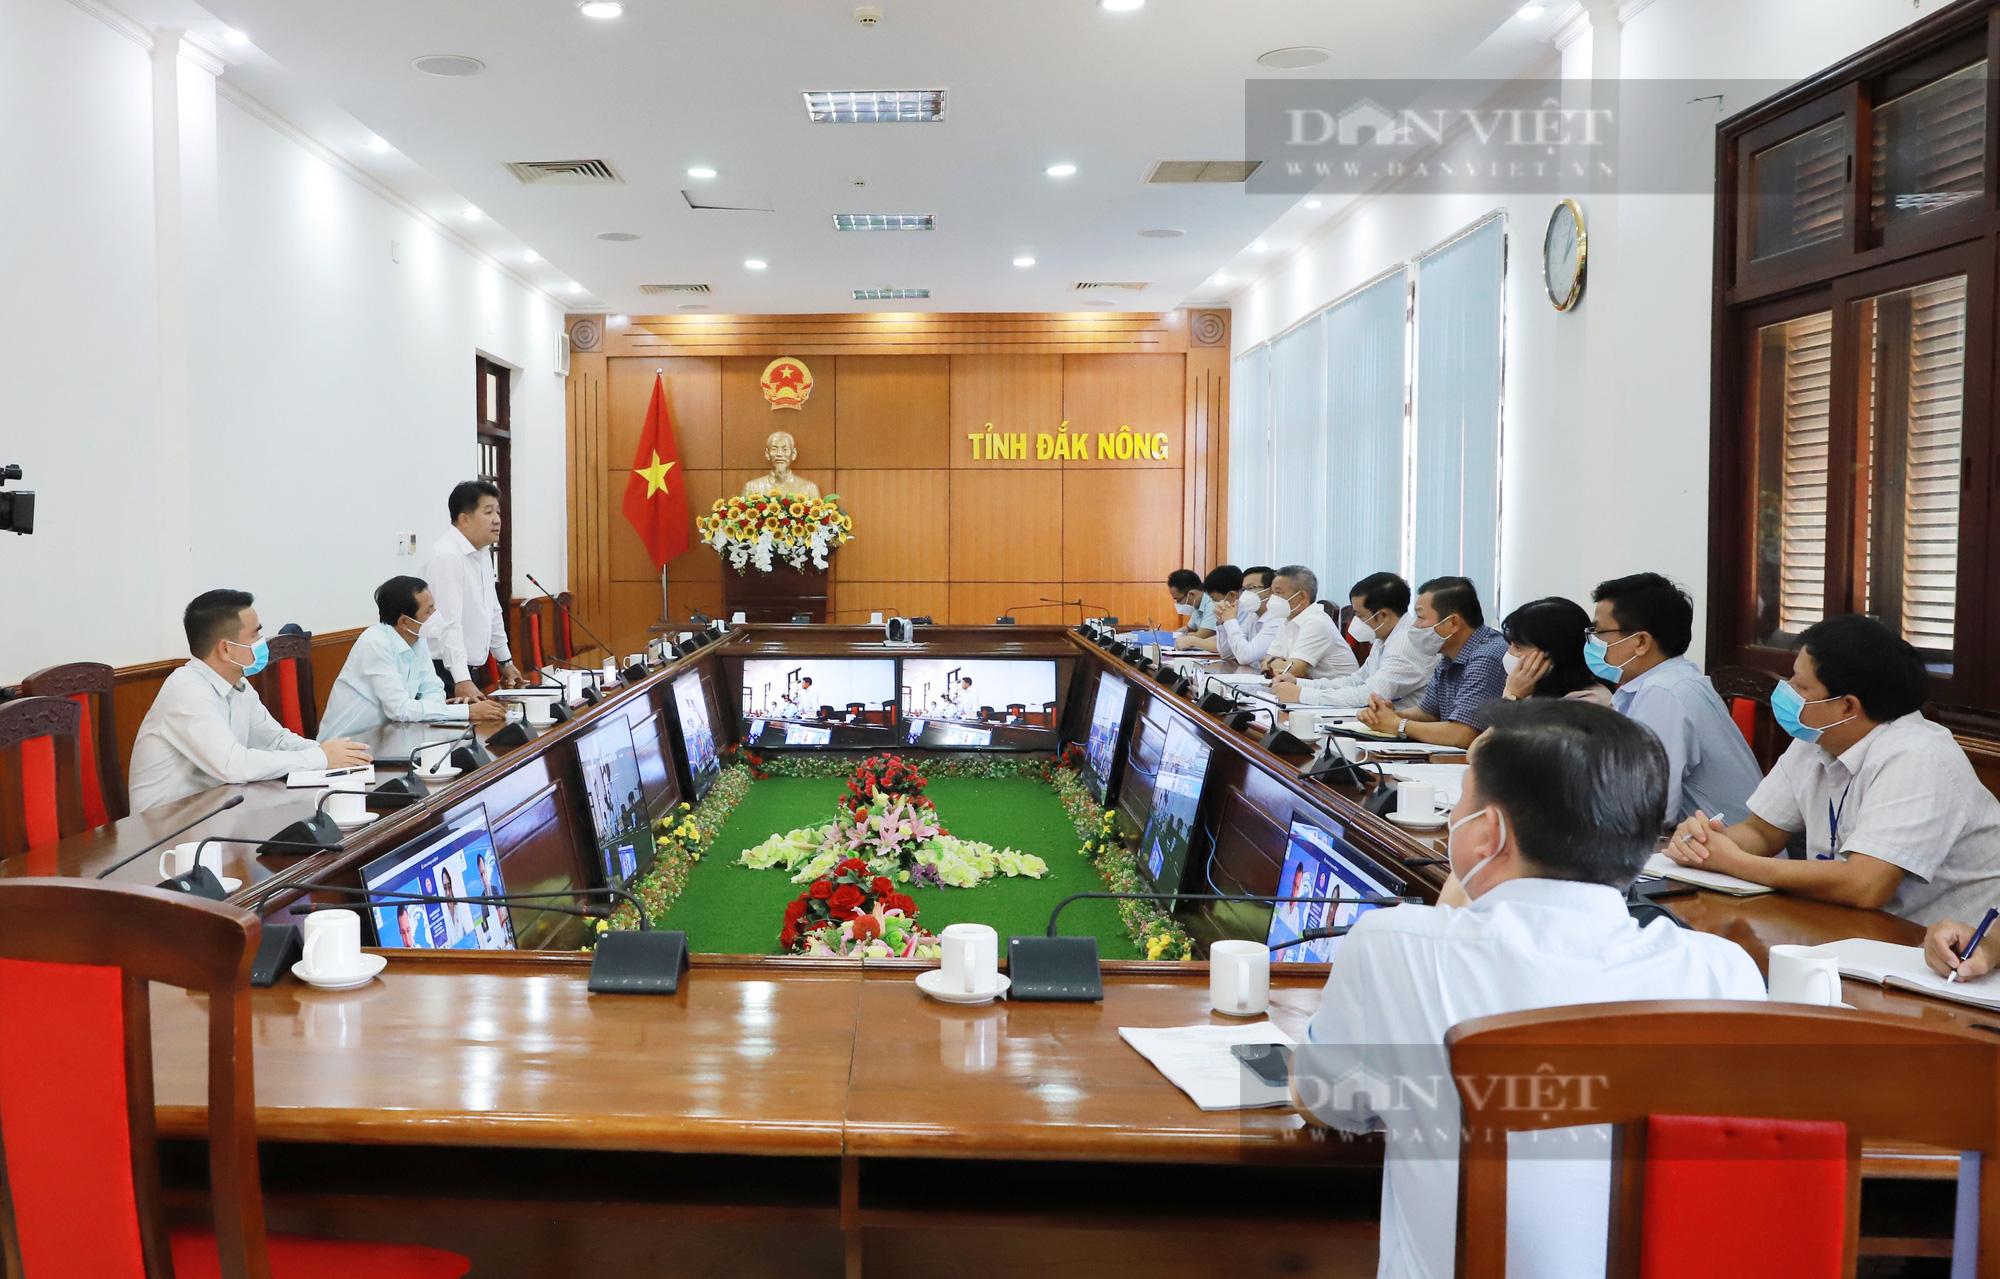 2 tập đoàn lớn nào chuẩn bị rót hàng triệu USD vào chăn nuôi tại Đắk Nông? - Ảnh 1.